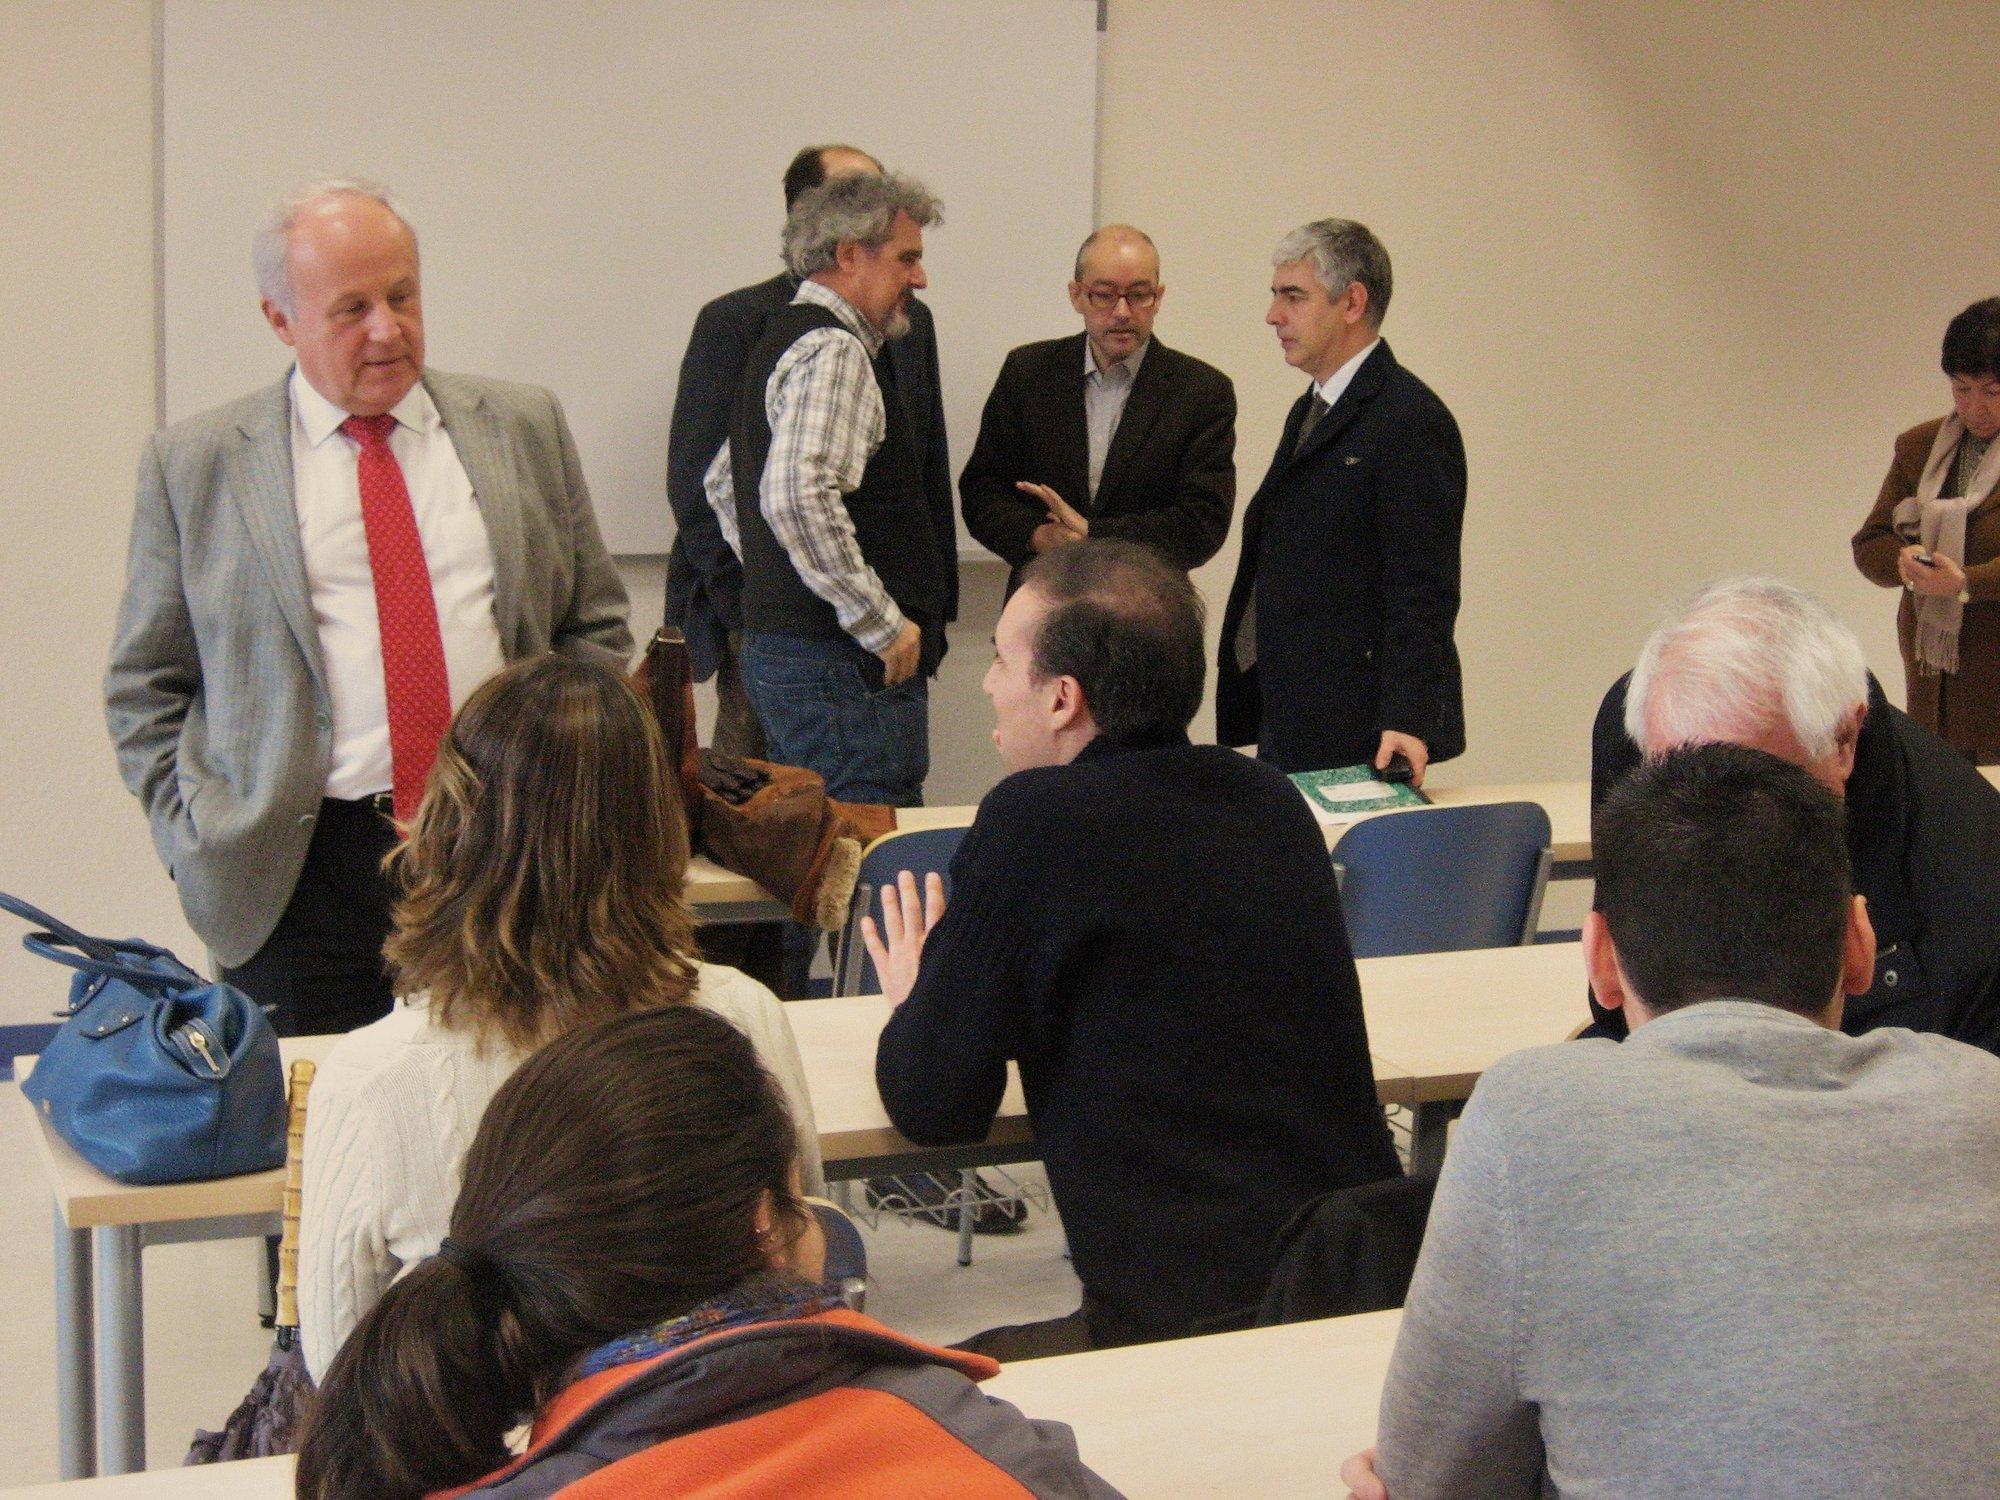 Mora afirma que la suspensión del Campus de Excelencia es «un duro golpe moral y económico» para la UC